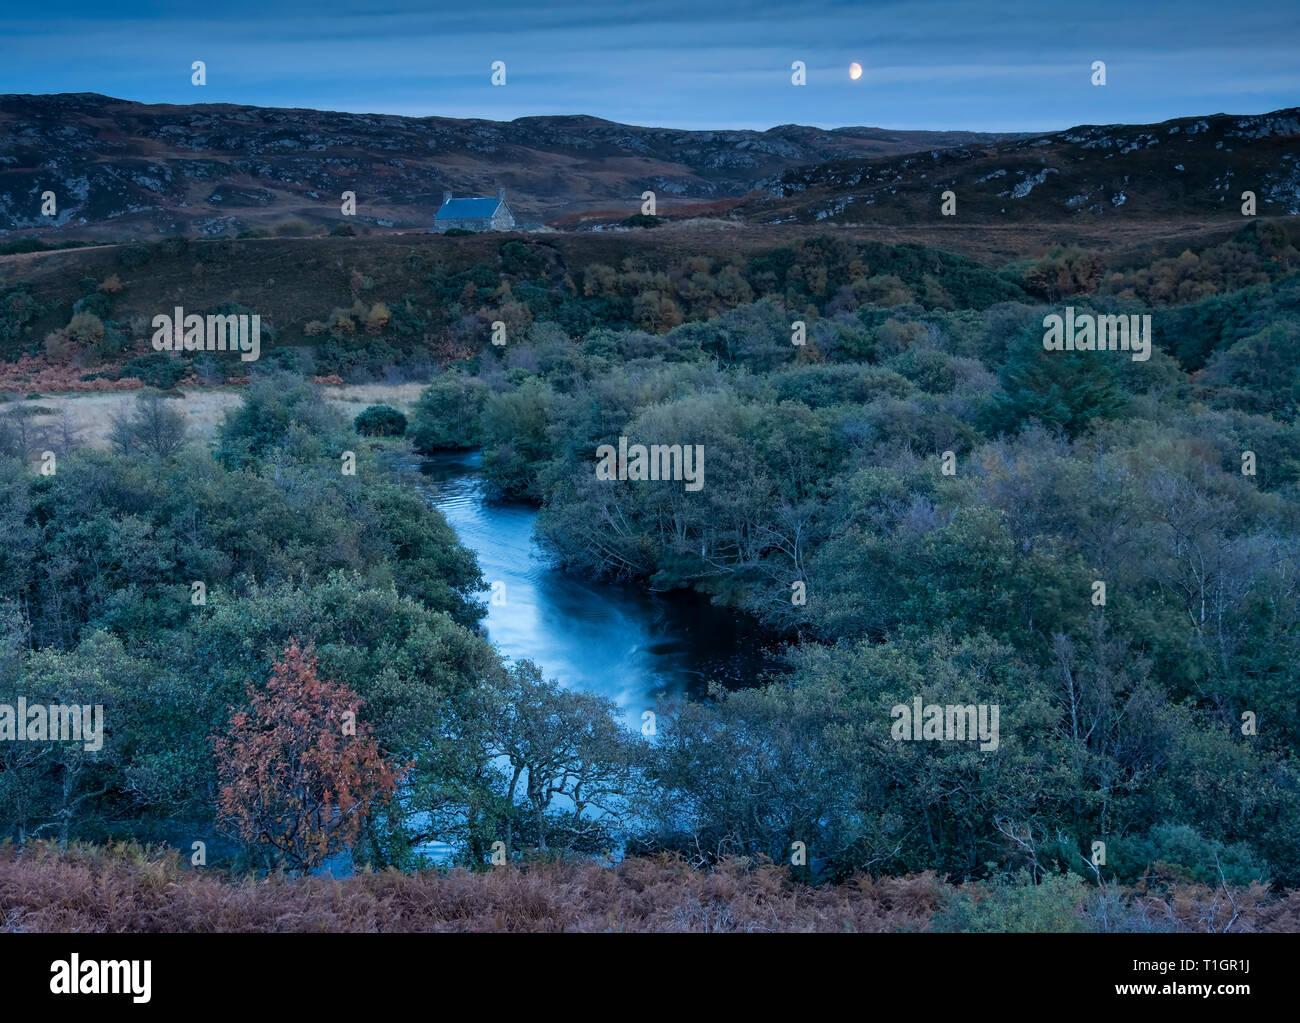 Moonrise over Scottish Bothy & River Borgie, near Torrisdale, Sutherland, Scottish Highlands, Scotland, UK - Stock Image